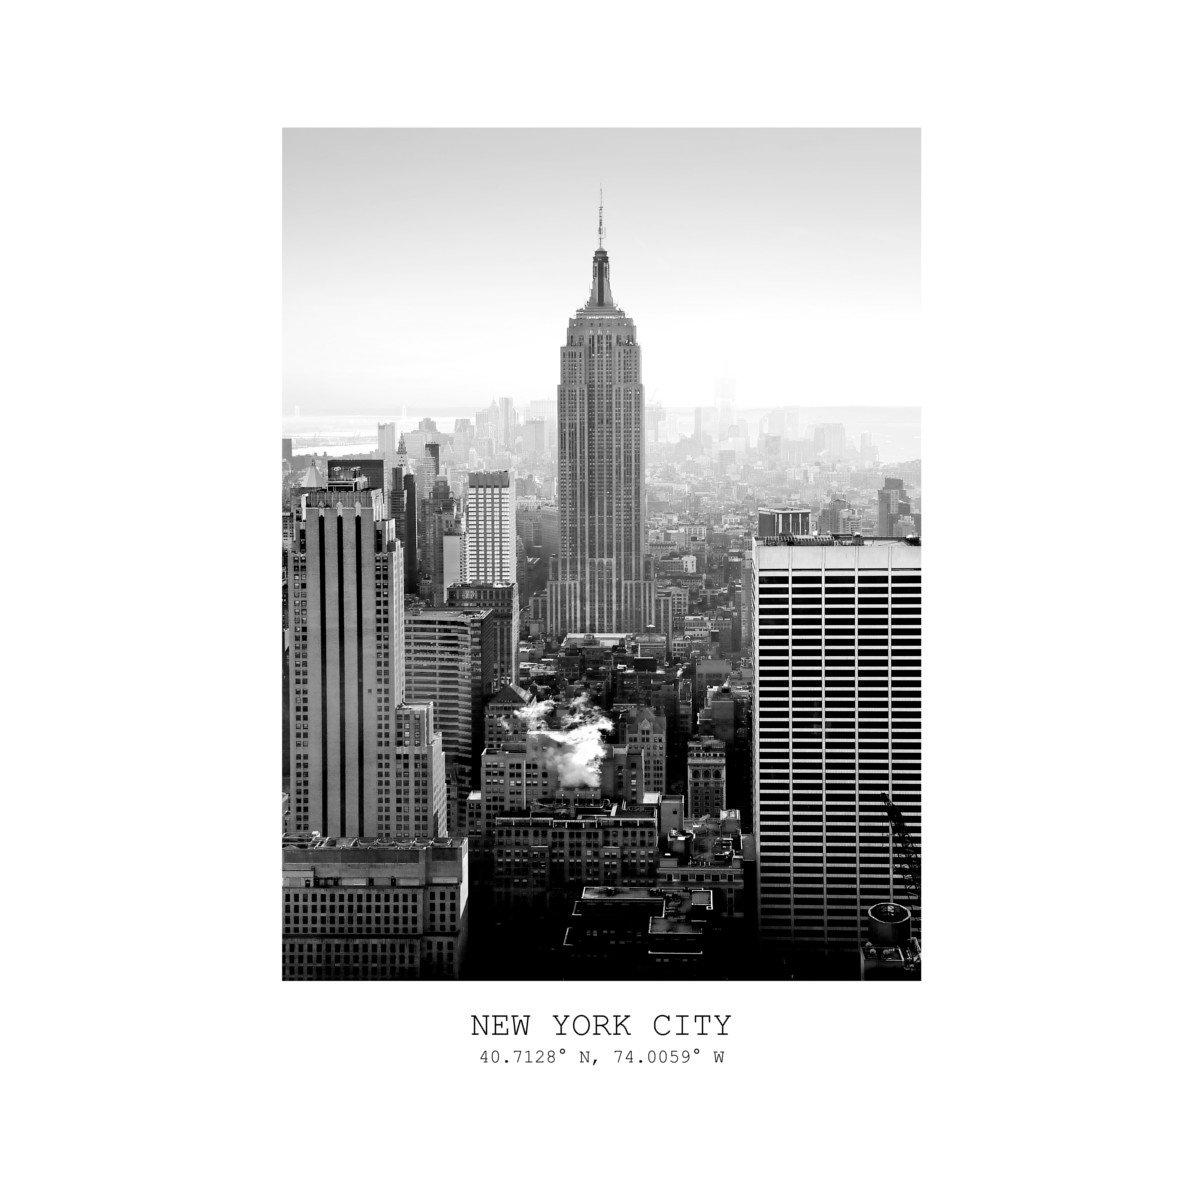 Aroma of Paris アートポスター おしゃれ インテリア 北欧 モノクロ アート #145 B3 ブラックフレーム B079KRVFJK B3 (364 x 515mm)|ブラックフレーム ブラックフレーム B3 (364 x 515mm)